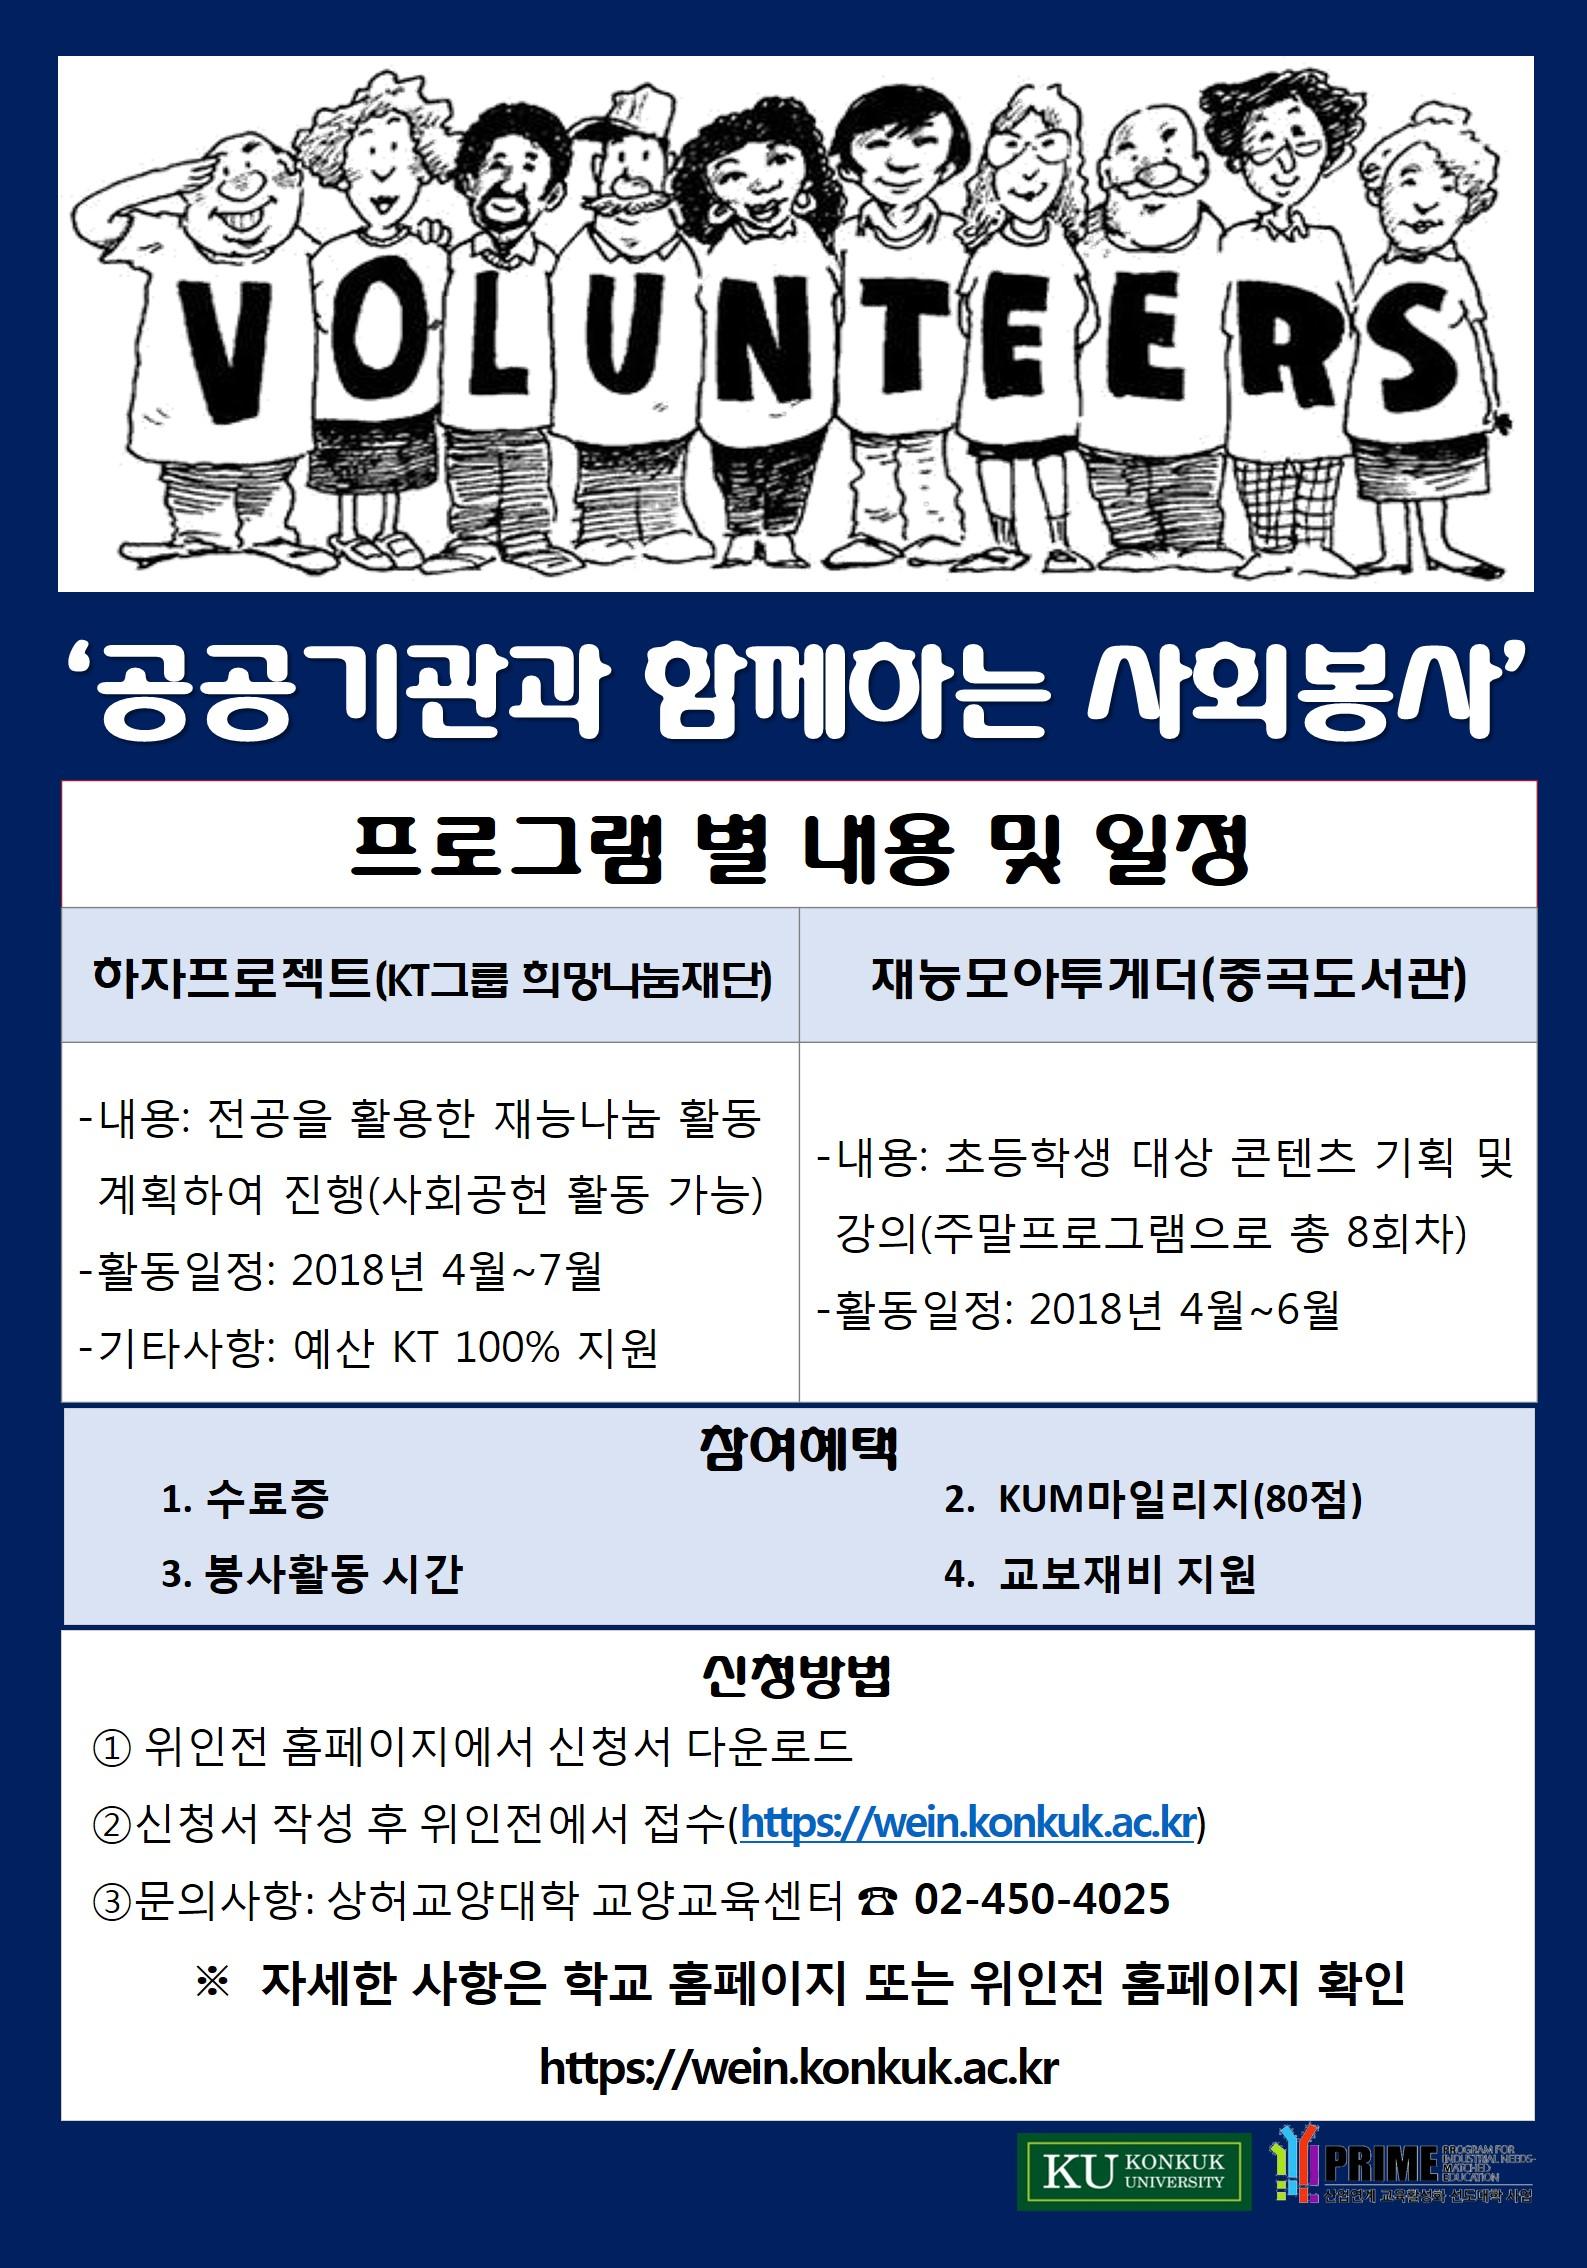 [포스터] PRIME 공공기관과 함께하는 사회봉사.jpg